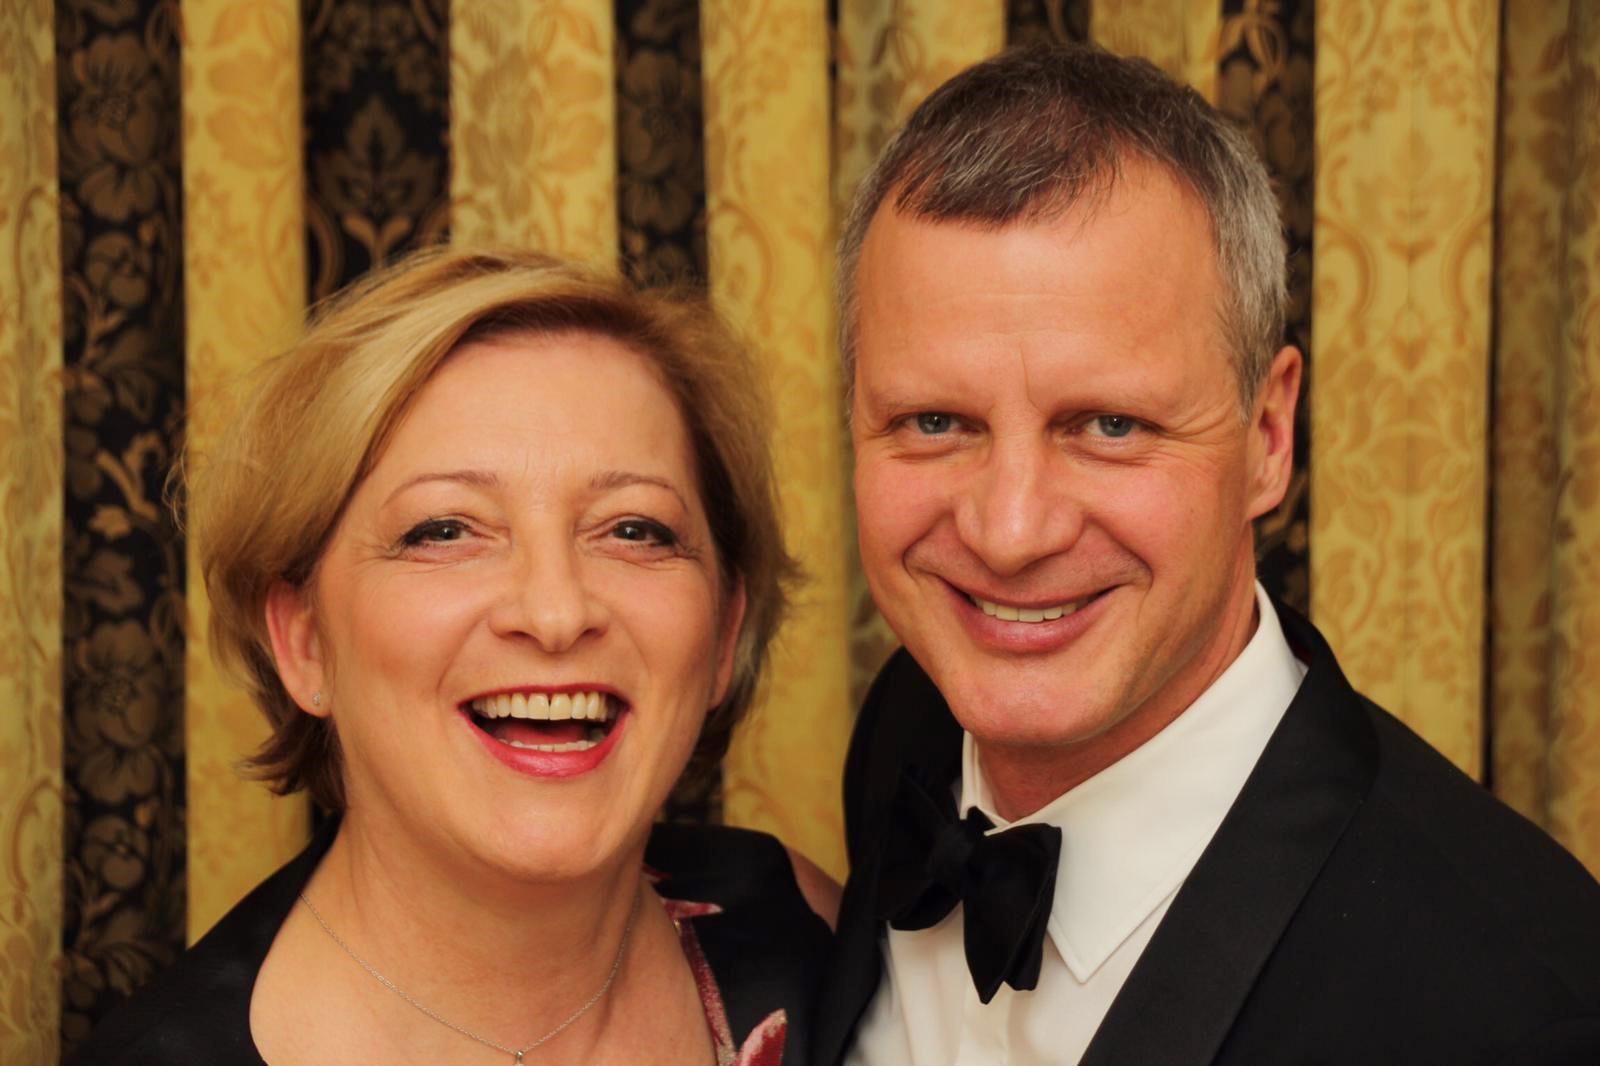 Gesellschafter und Geschäftsführer der MACON BAU GmbH Magdeburg Dipl.-Ing. U. Fliegner mit Ehefrau Dipl.-Pflegew. S. Fliegner